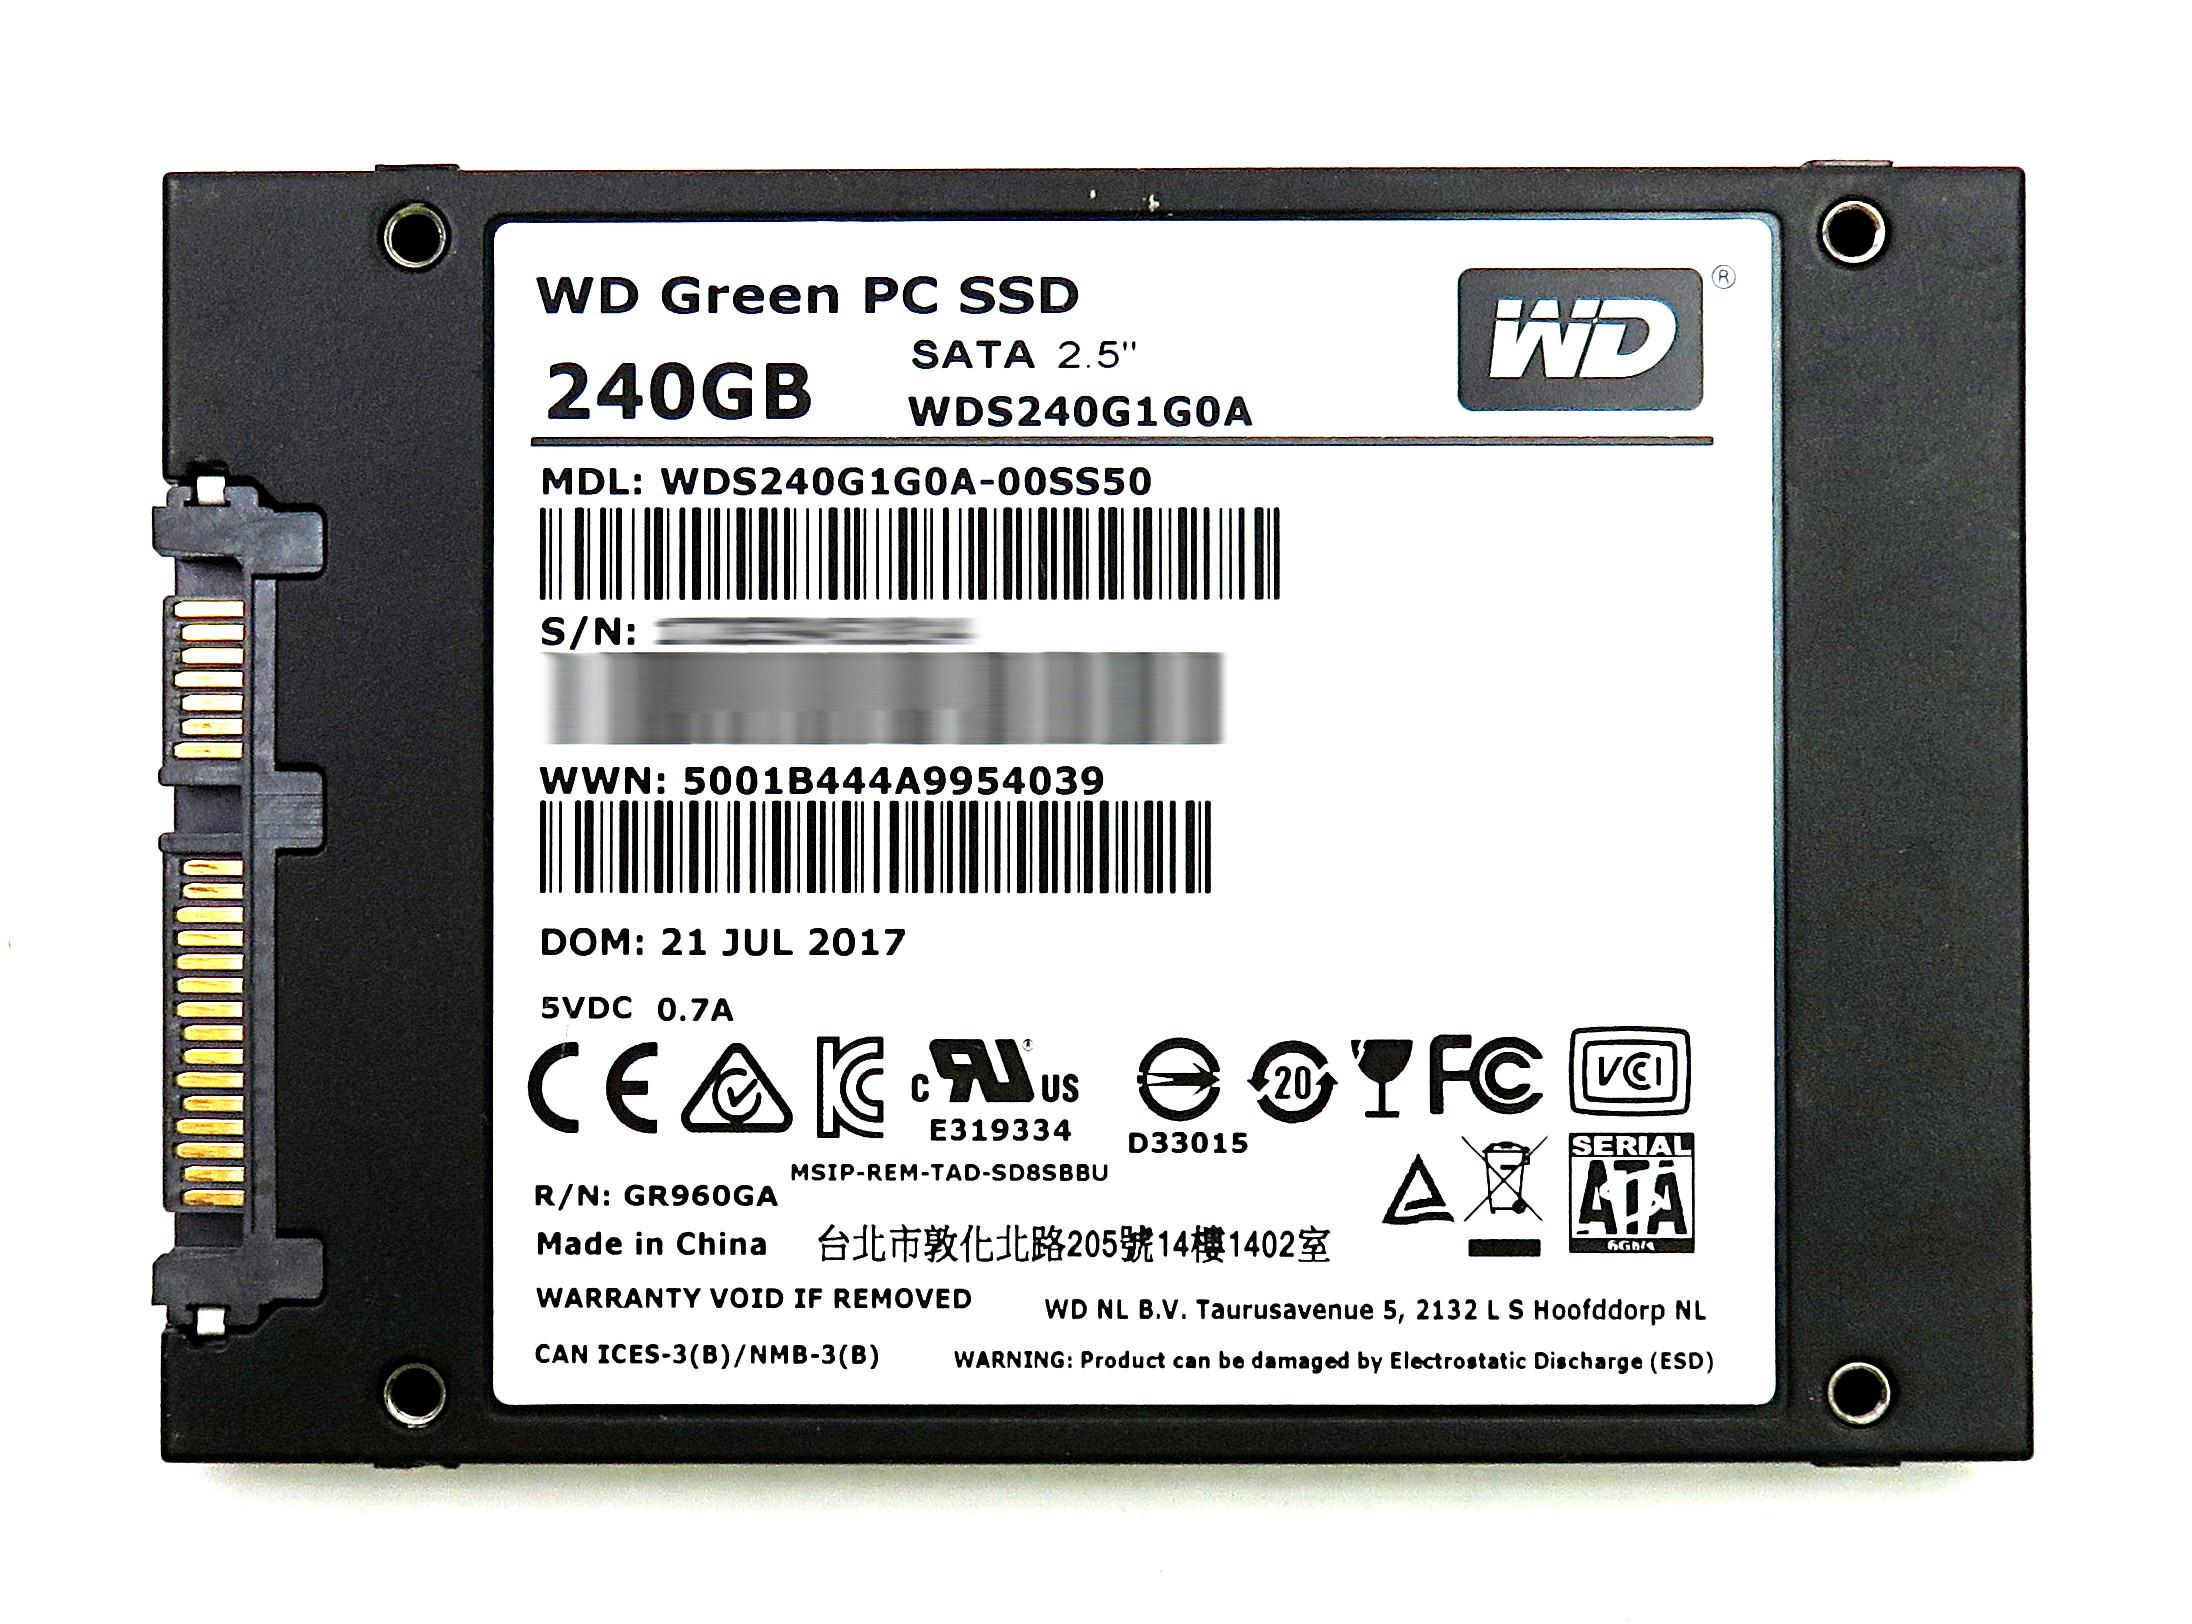 """/Western Digital Green 240GB 2.5"""" 7mm SATA 6Gb/s SSD ..."""